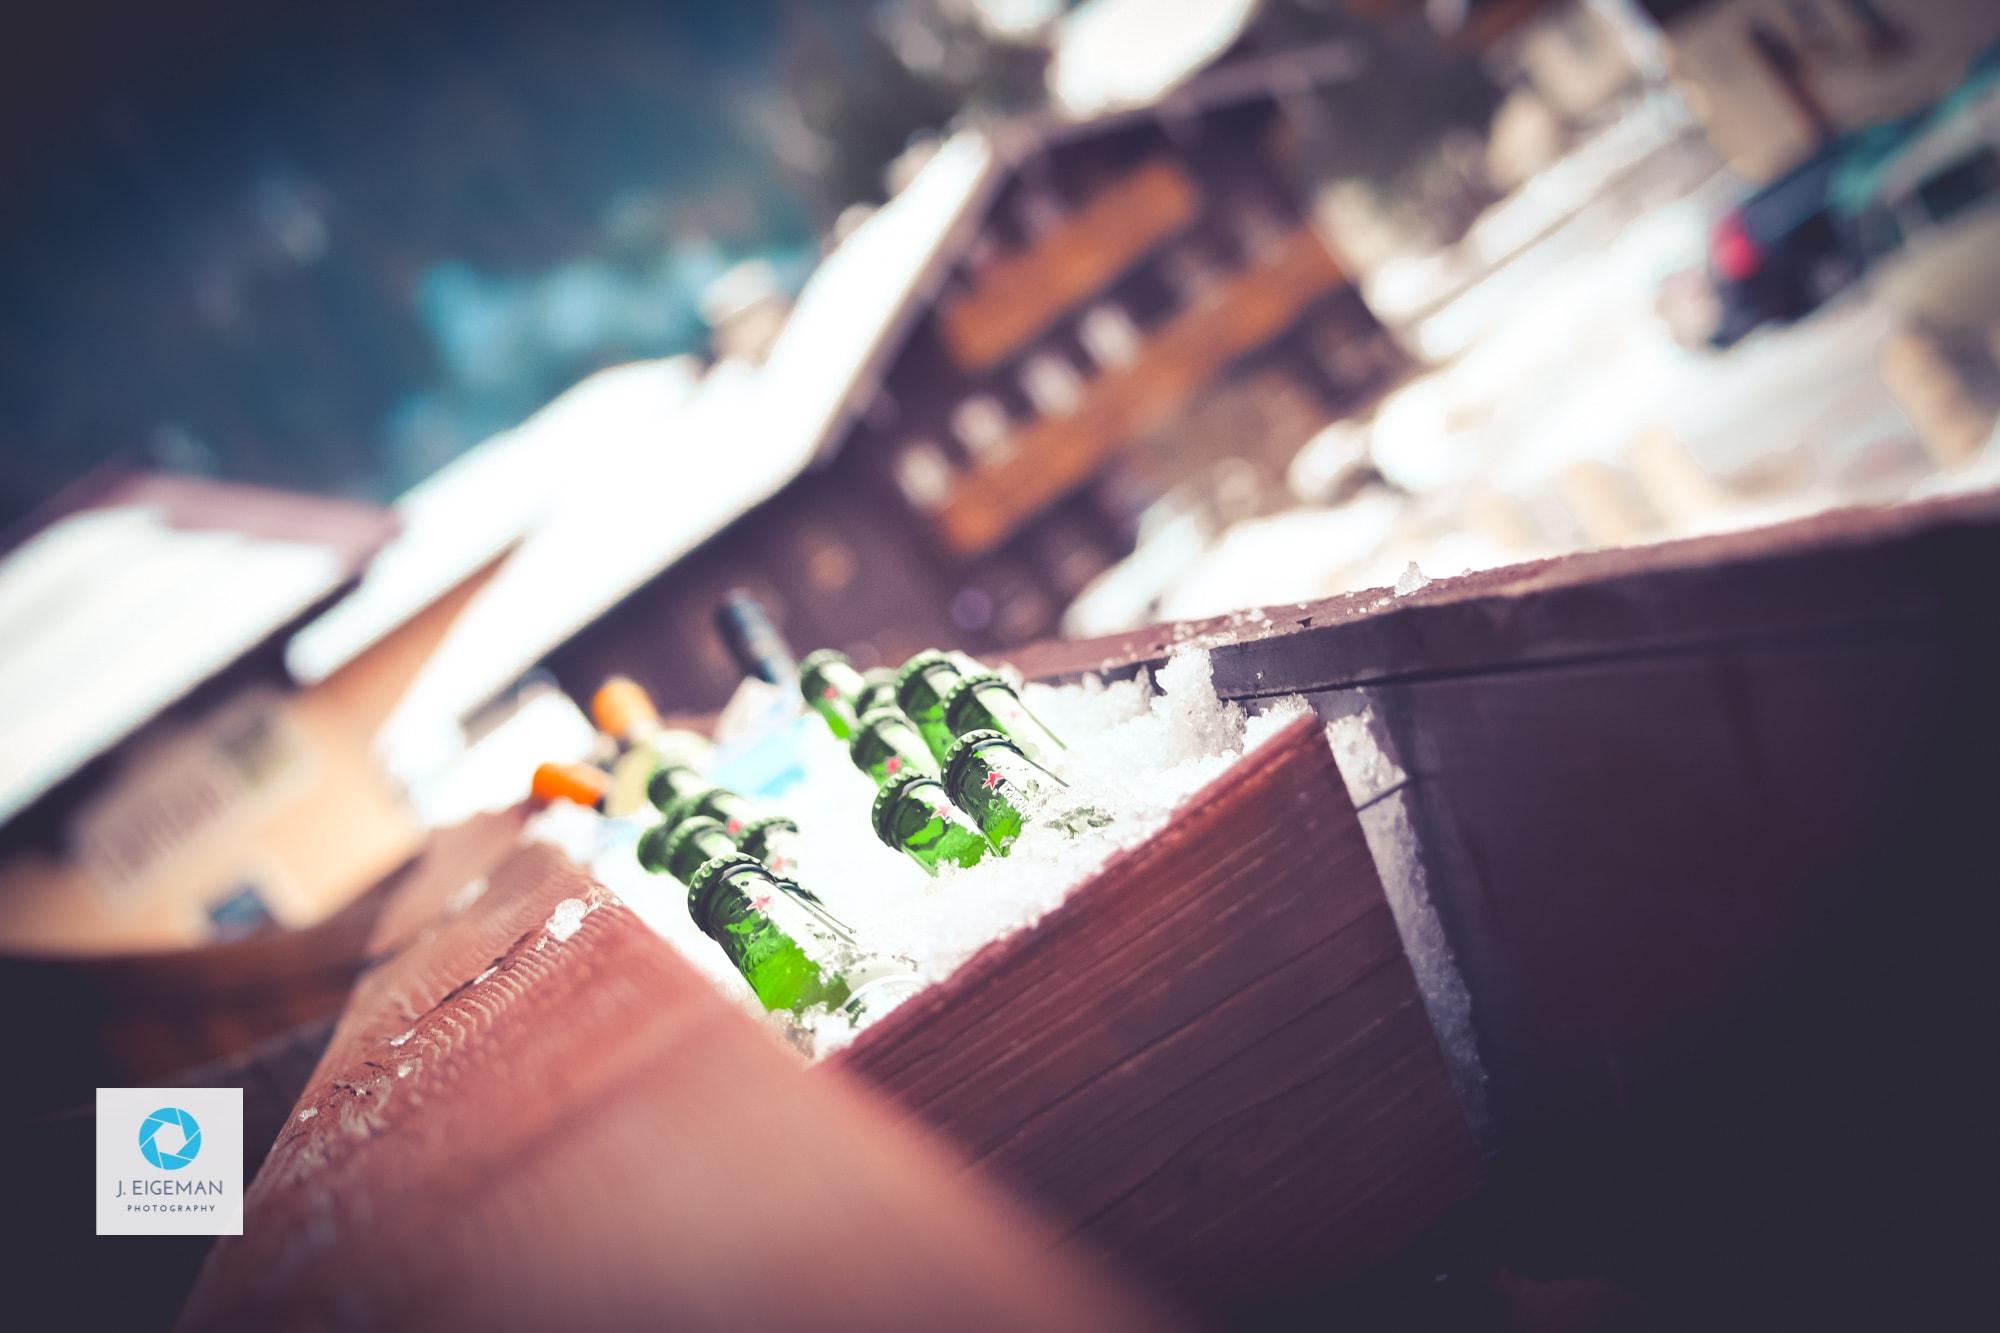 Heineken in ijs - Fotografie door Jeoffrey Eigeman